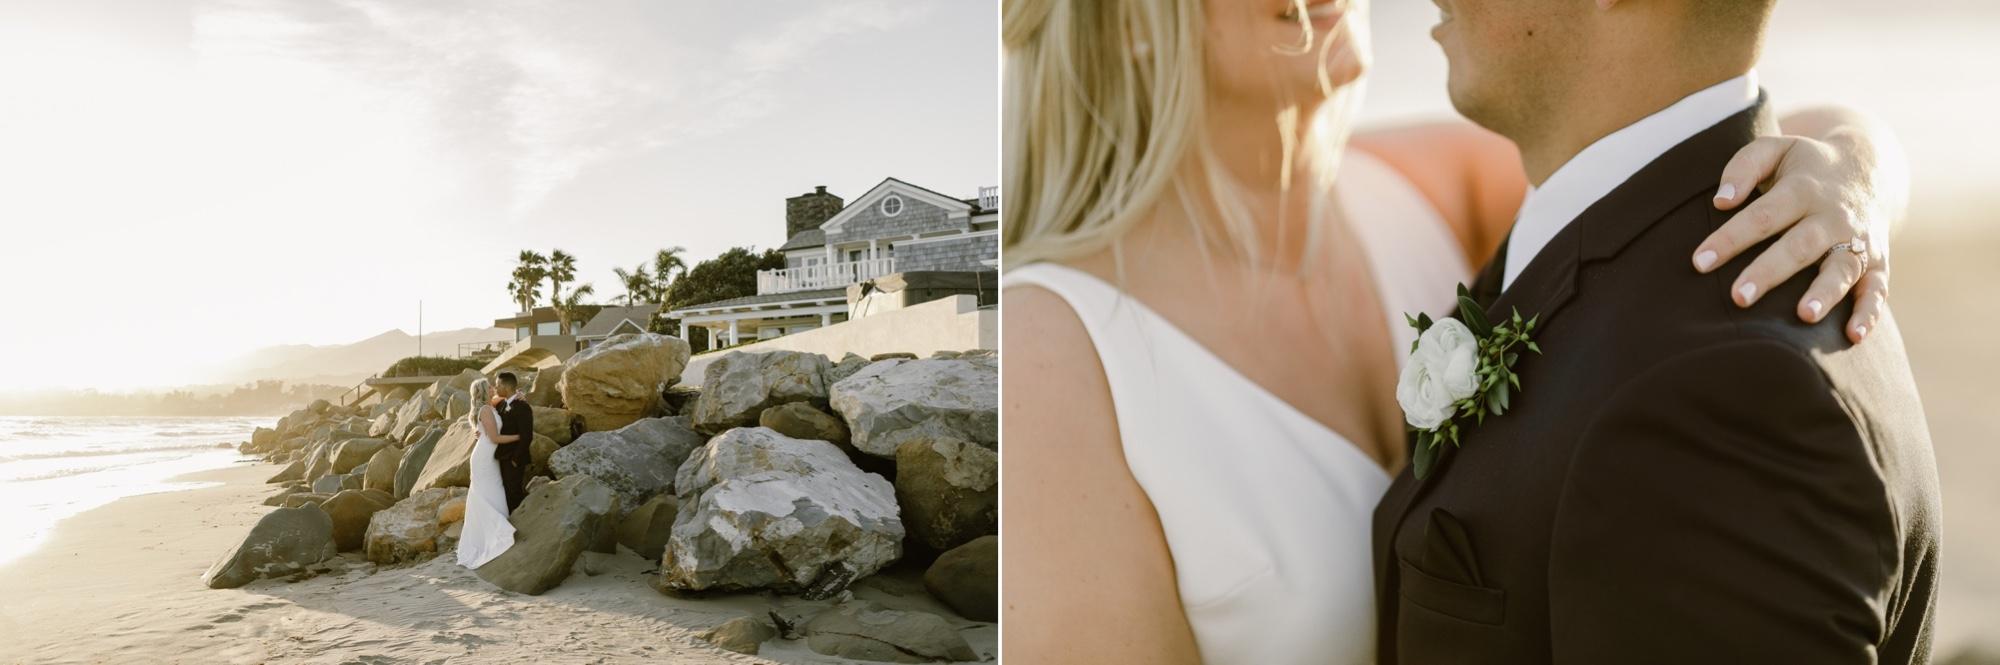 63_Ally and Tommy's Wedding-182_Ally and Tommy's Wedding-173.jpg